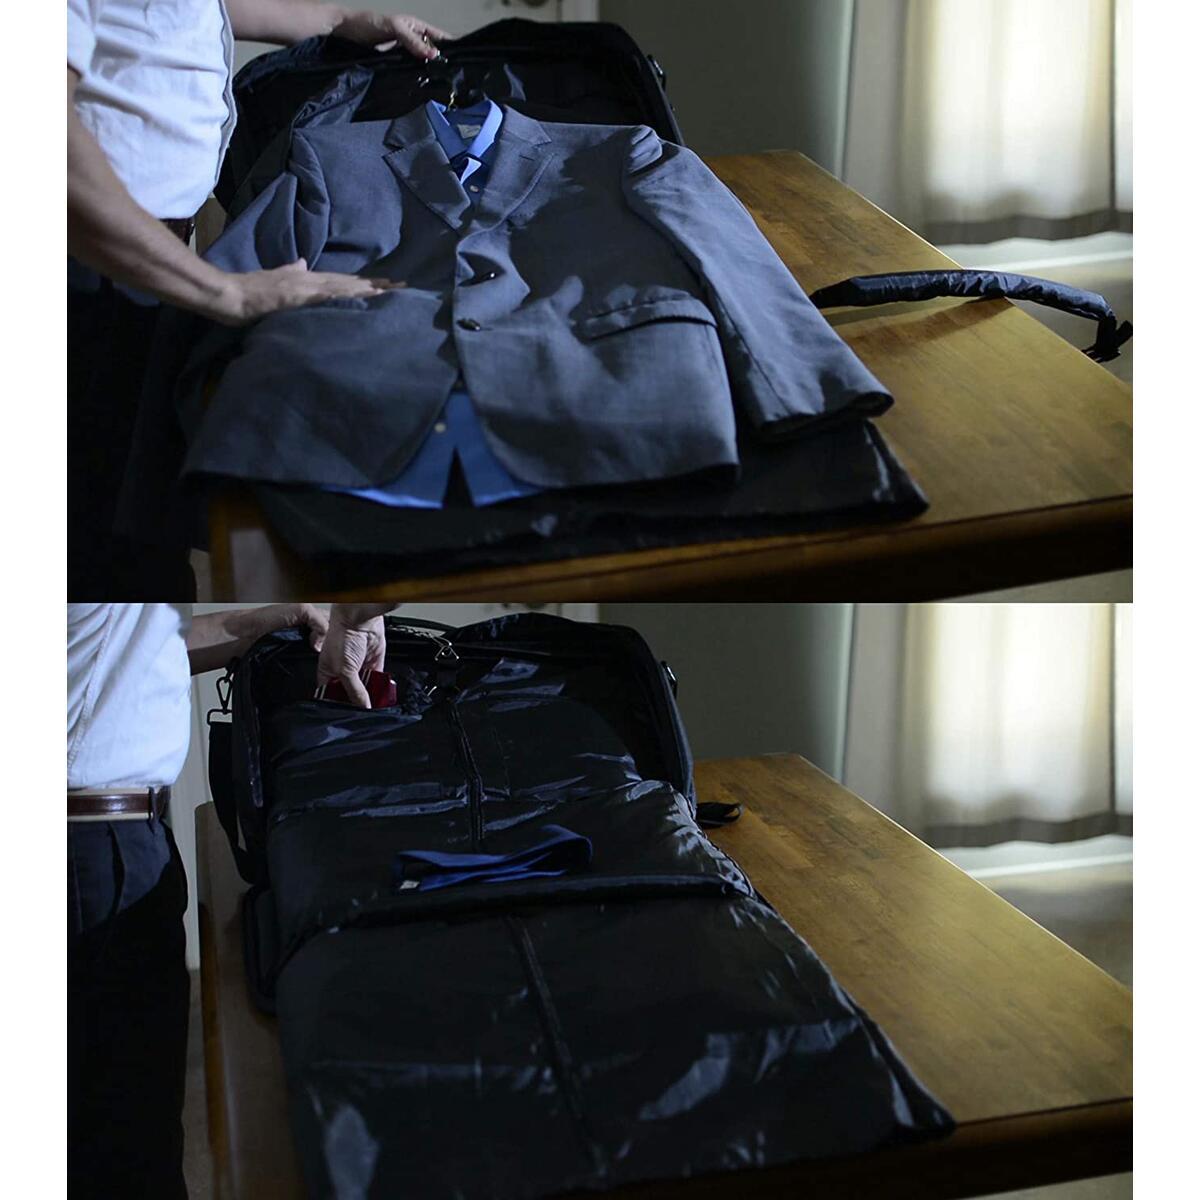 2020 Garment Bag for Travel